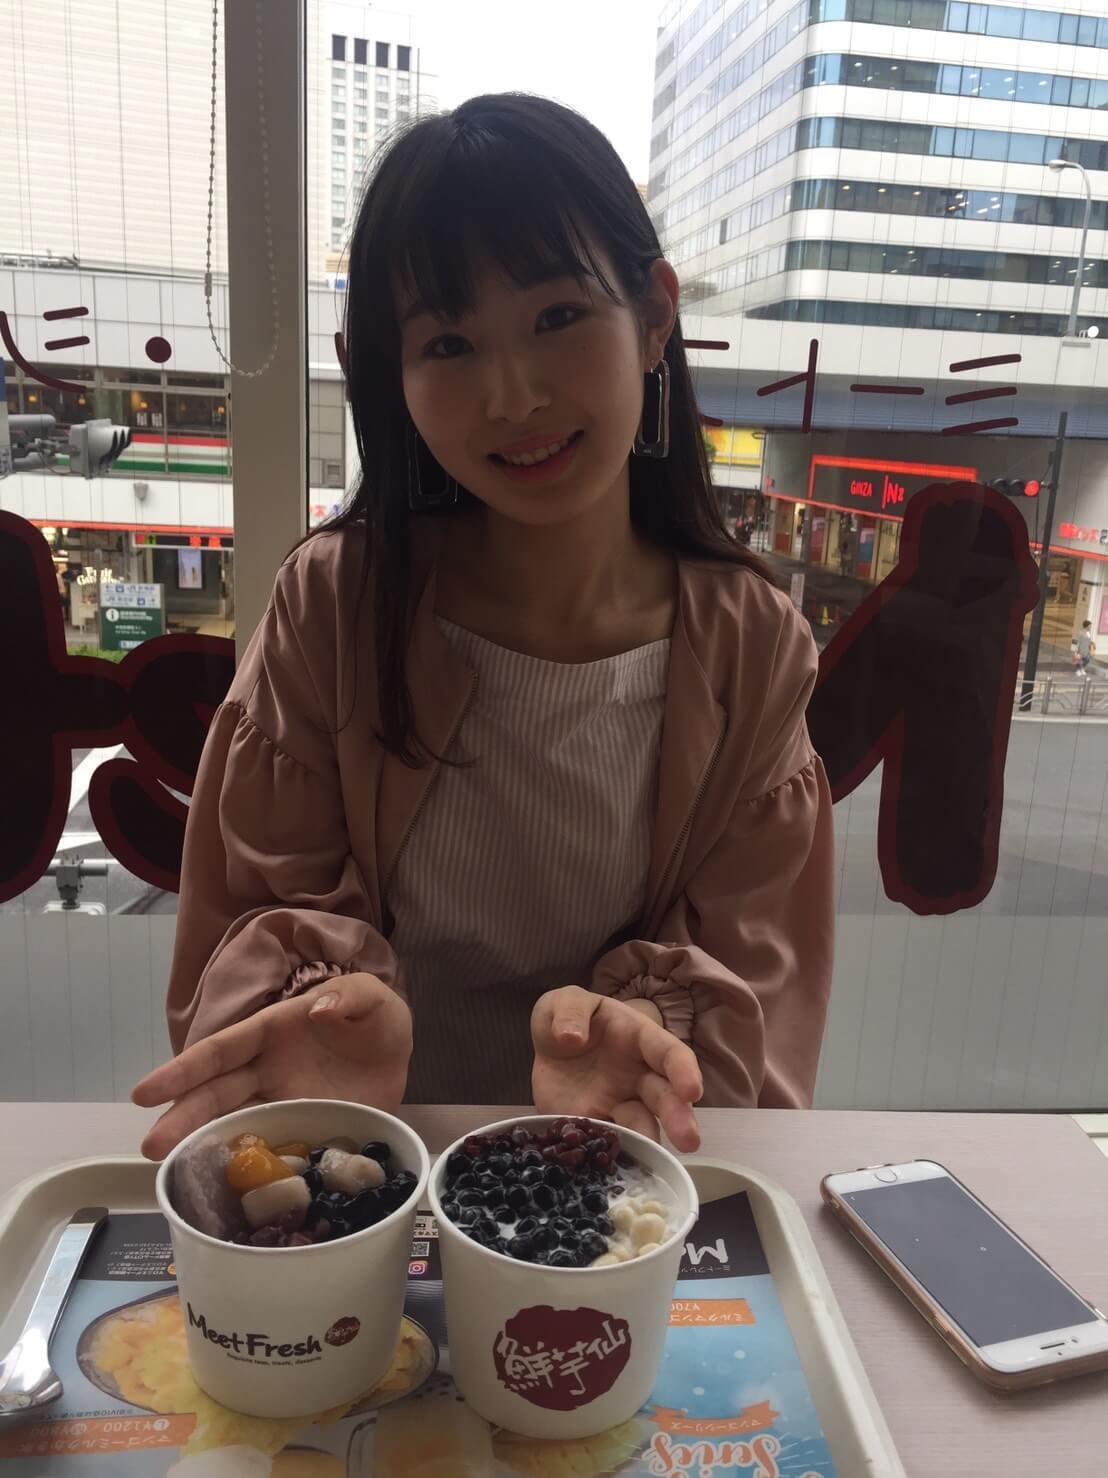 ヘルシーかつコスパ☺︎美味しすぎる台湾スイーツ♡_1_2-1